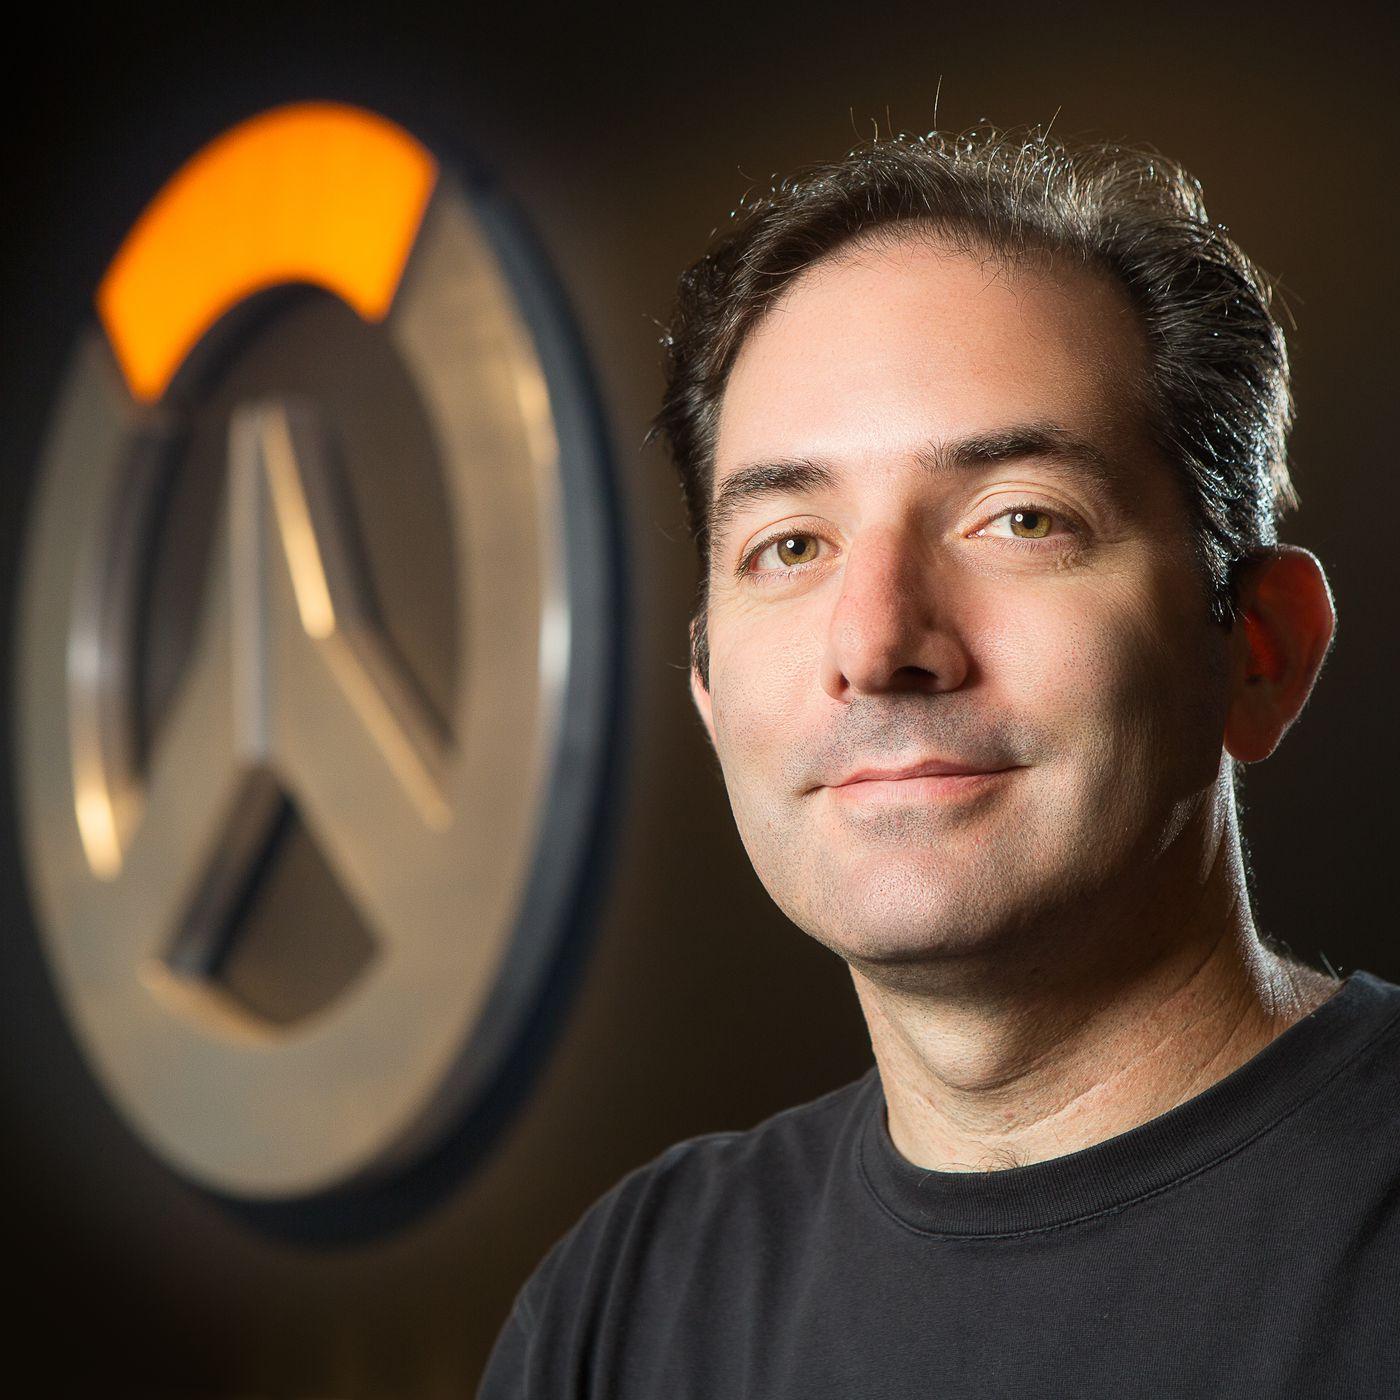 Ο διευθυντής παιχνιδιών Overwatch Jeff Kaplan αποχωρεί από την Blizzard Entertainment - Polygon